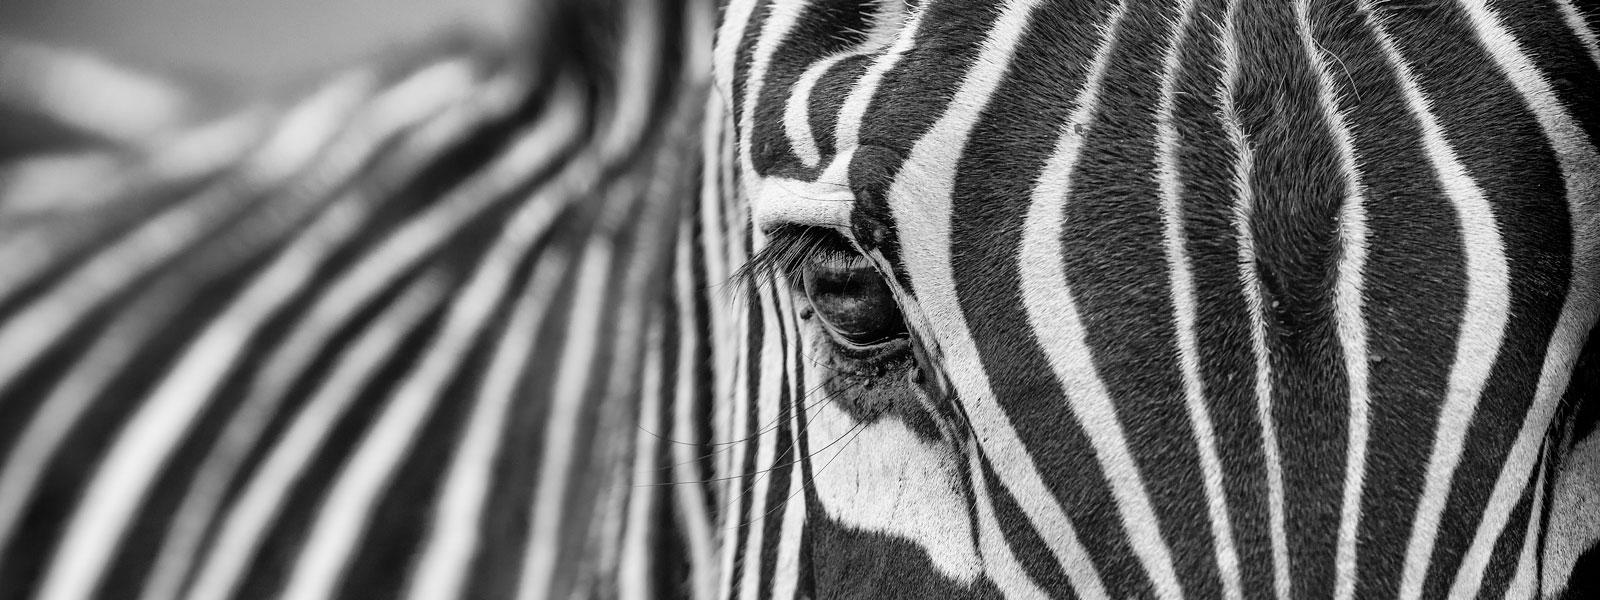 Zebra-1600-x-600_SFW